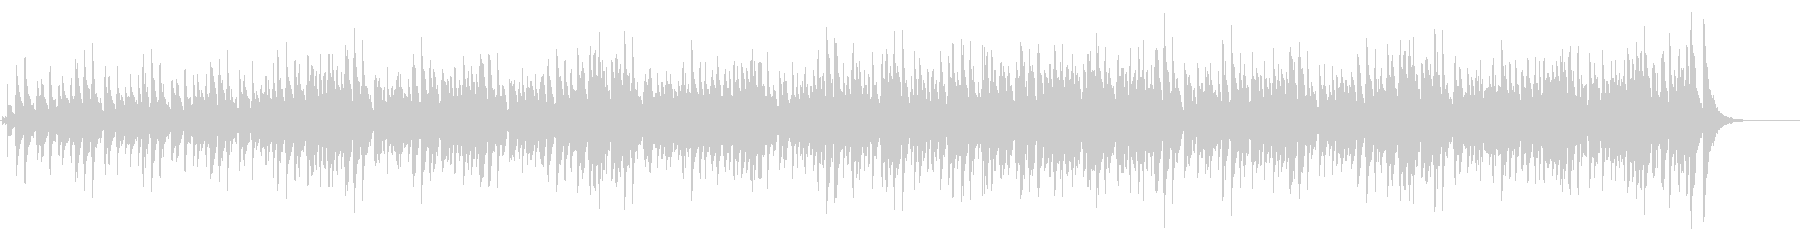 スチールドラムによるカリビアンなポップ曲の未再生の波形